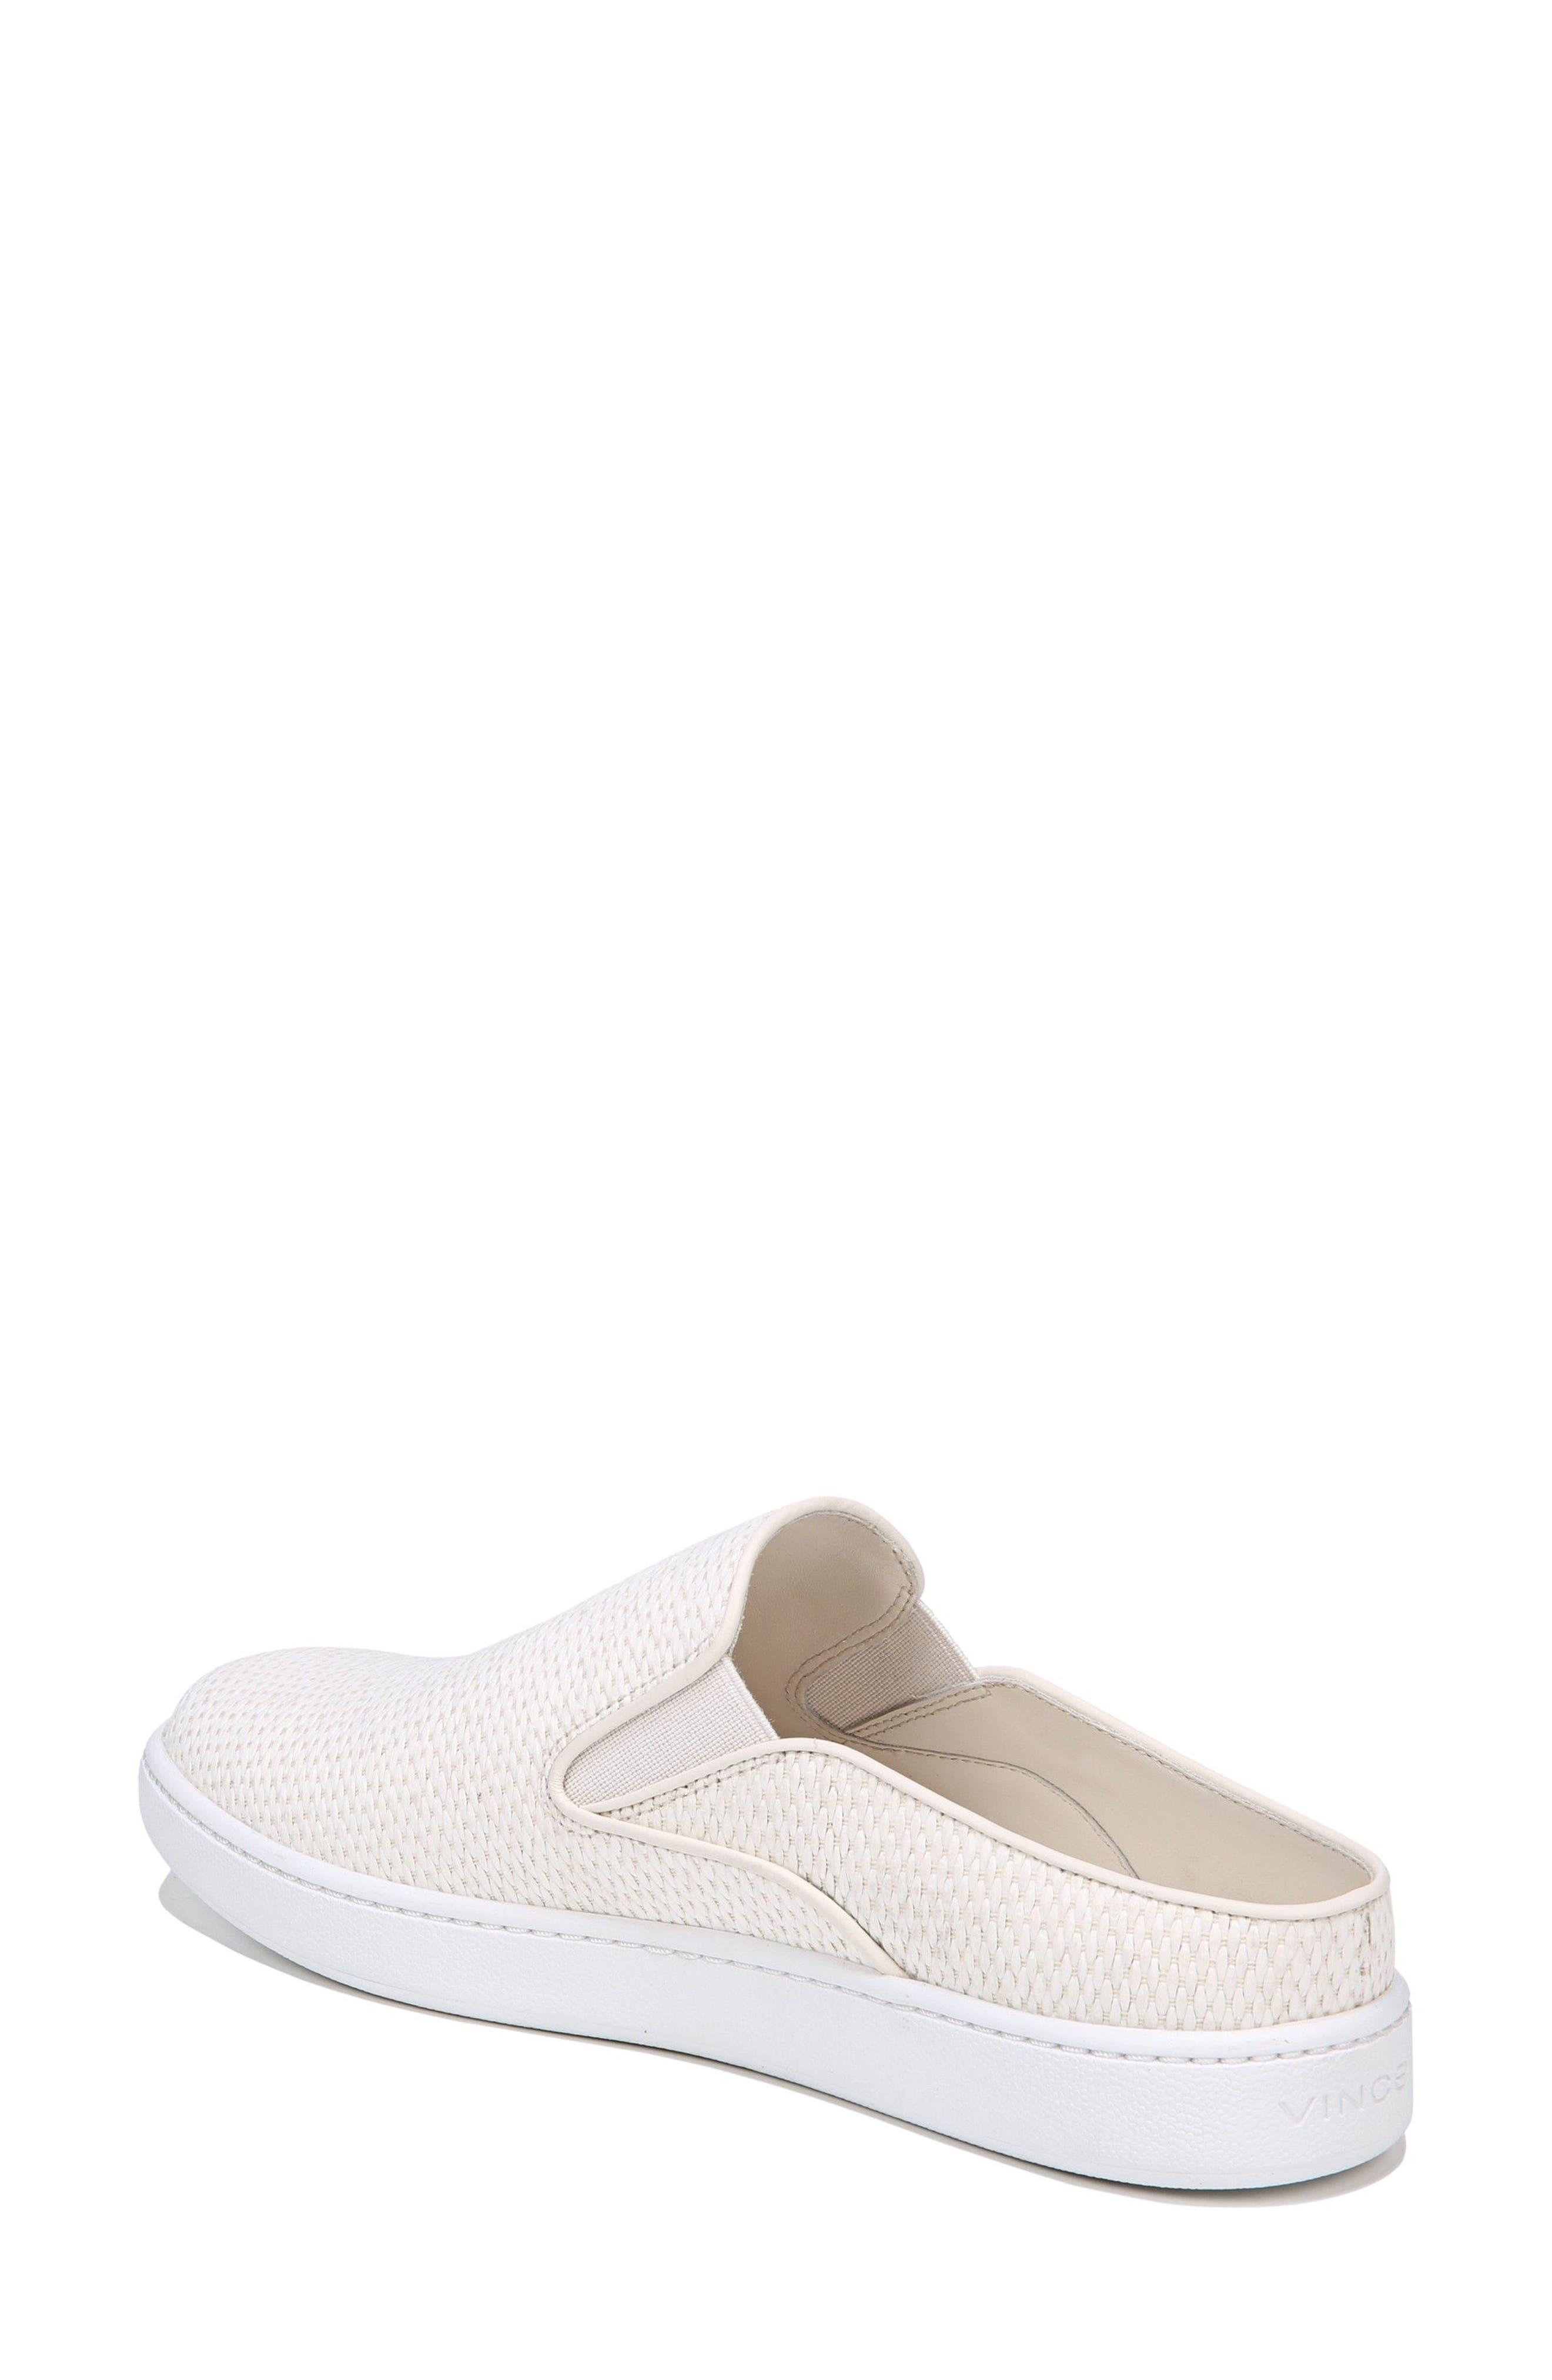 Verrell Slip-On Sneaker,                             Alternate thumbnail 13, color,